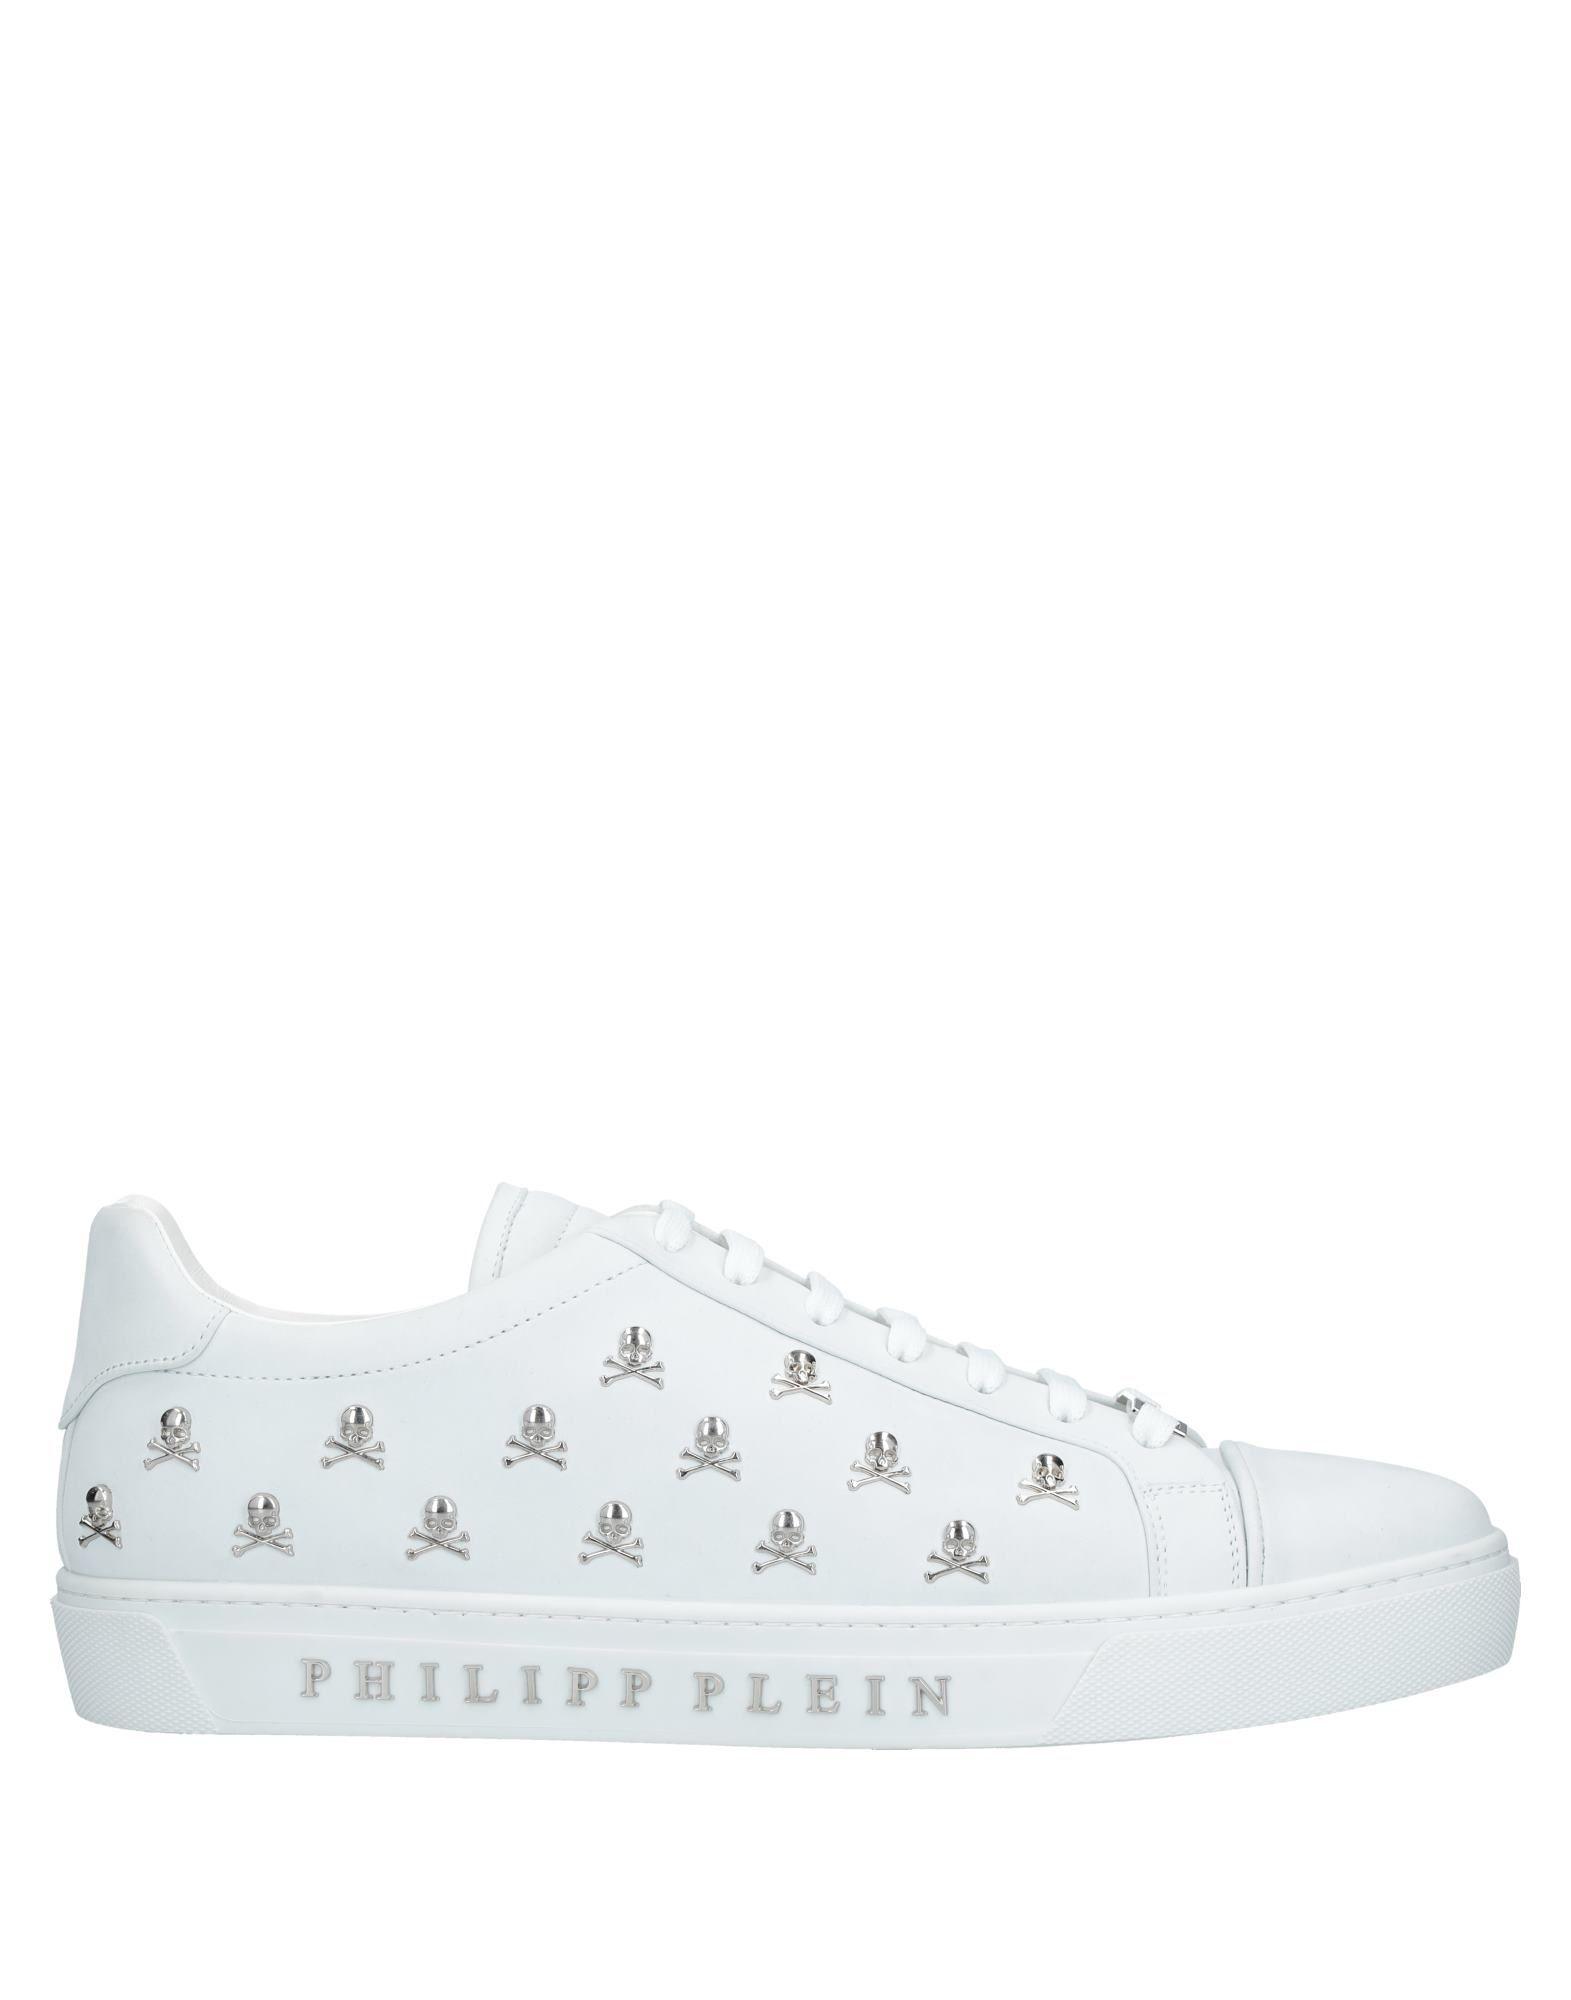 Philipp Plein Sneakers Herren  11528599LQ Gute Qualität beliebte Schuhe